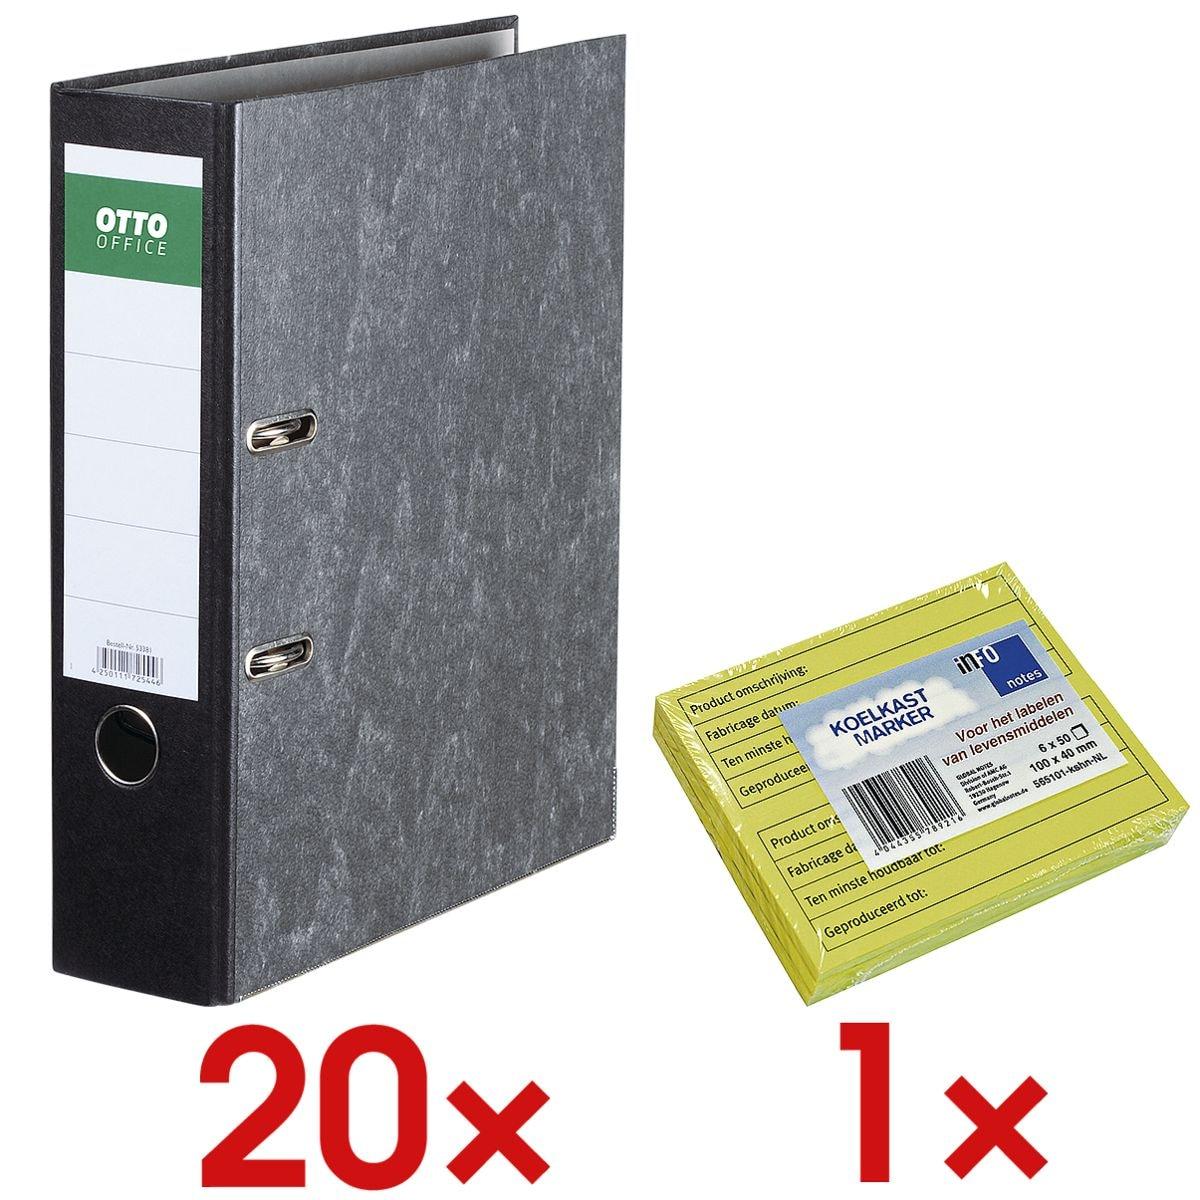 20x Classeur A4 OTTO Office Classic large, papier marbré nuages avec Bloc de notes repositionnables « Notes réfrigérateur » avec inscriptions en néerlandais